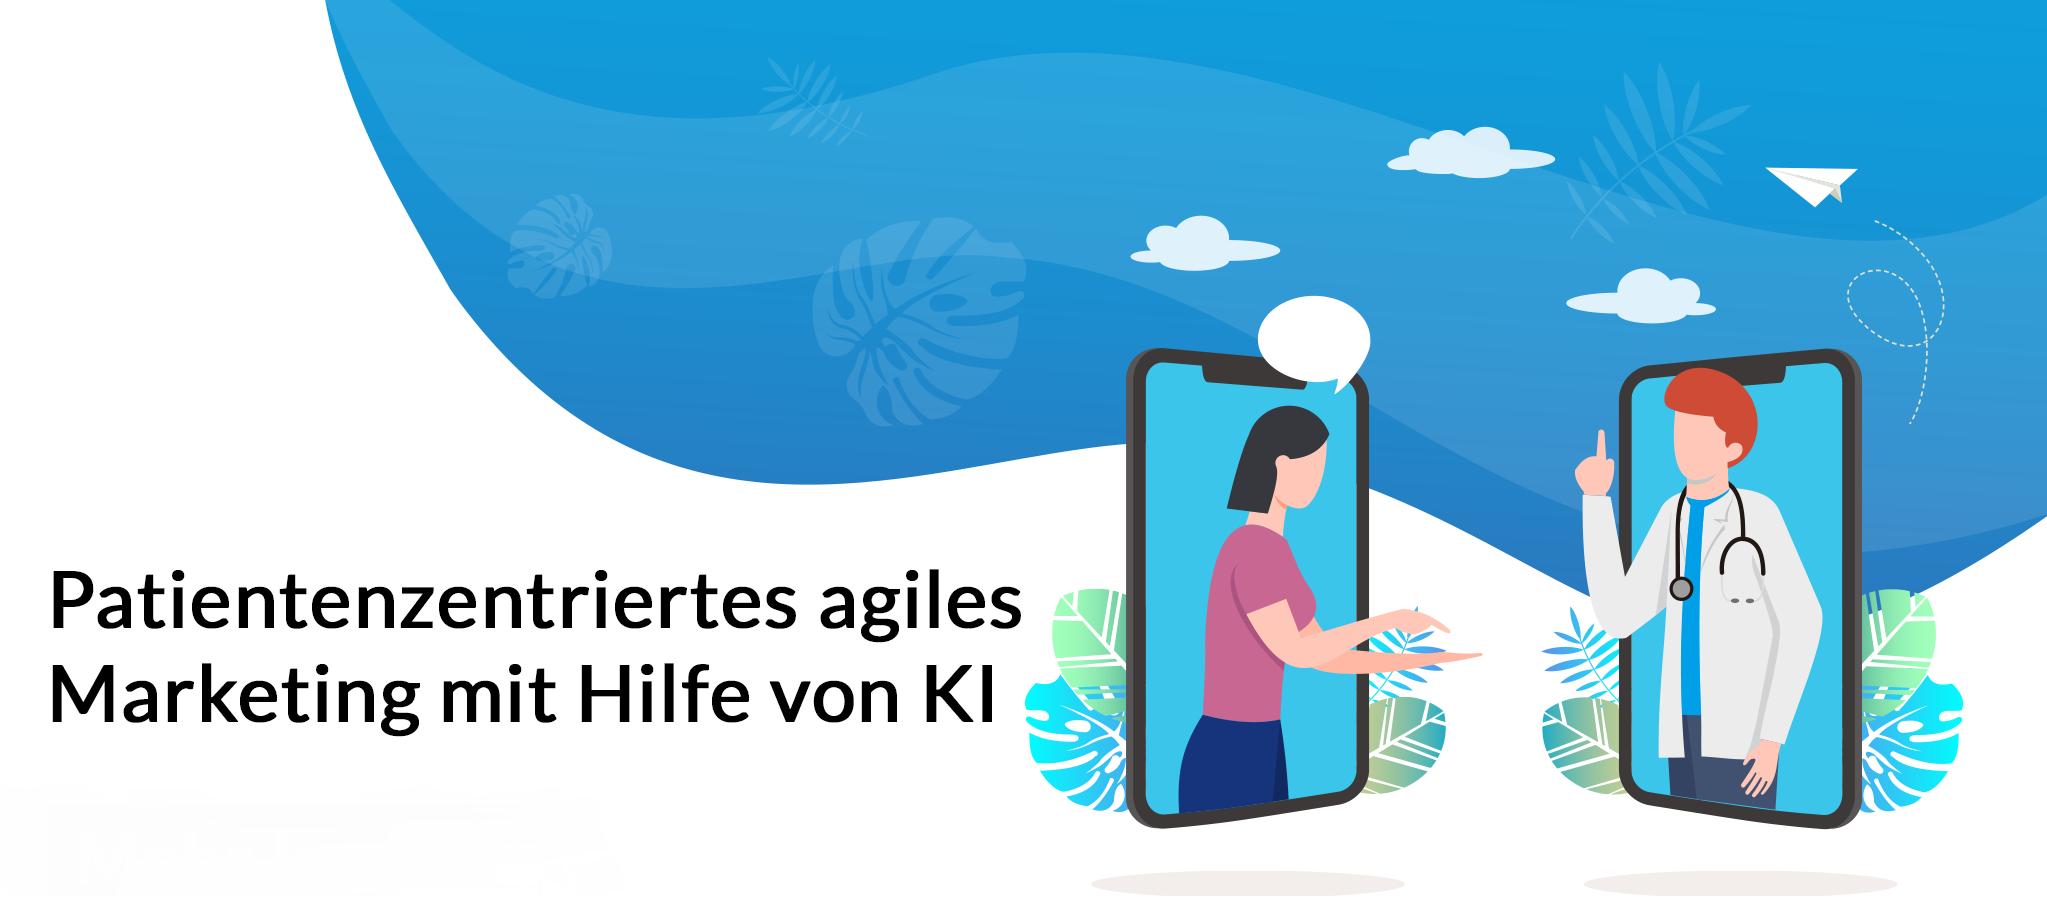 Patientenzentriertes agiles Marketing mit Hilfe von KI